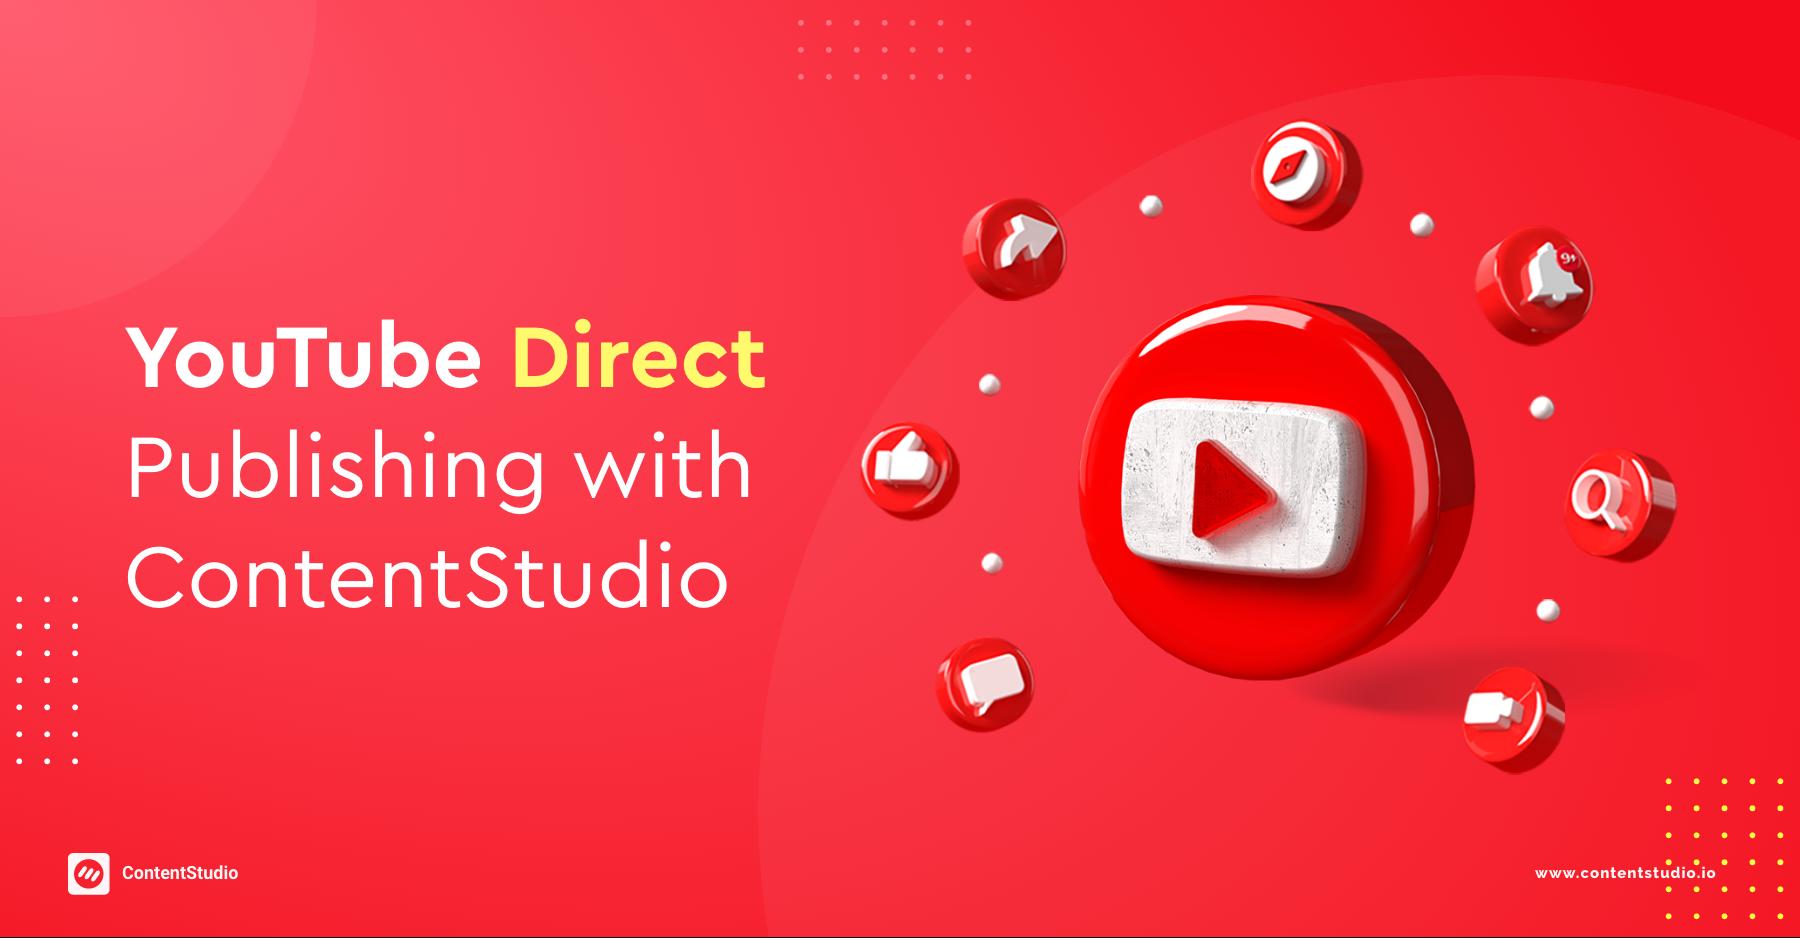 YouTube Direct Publishing